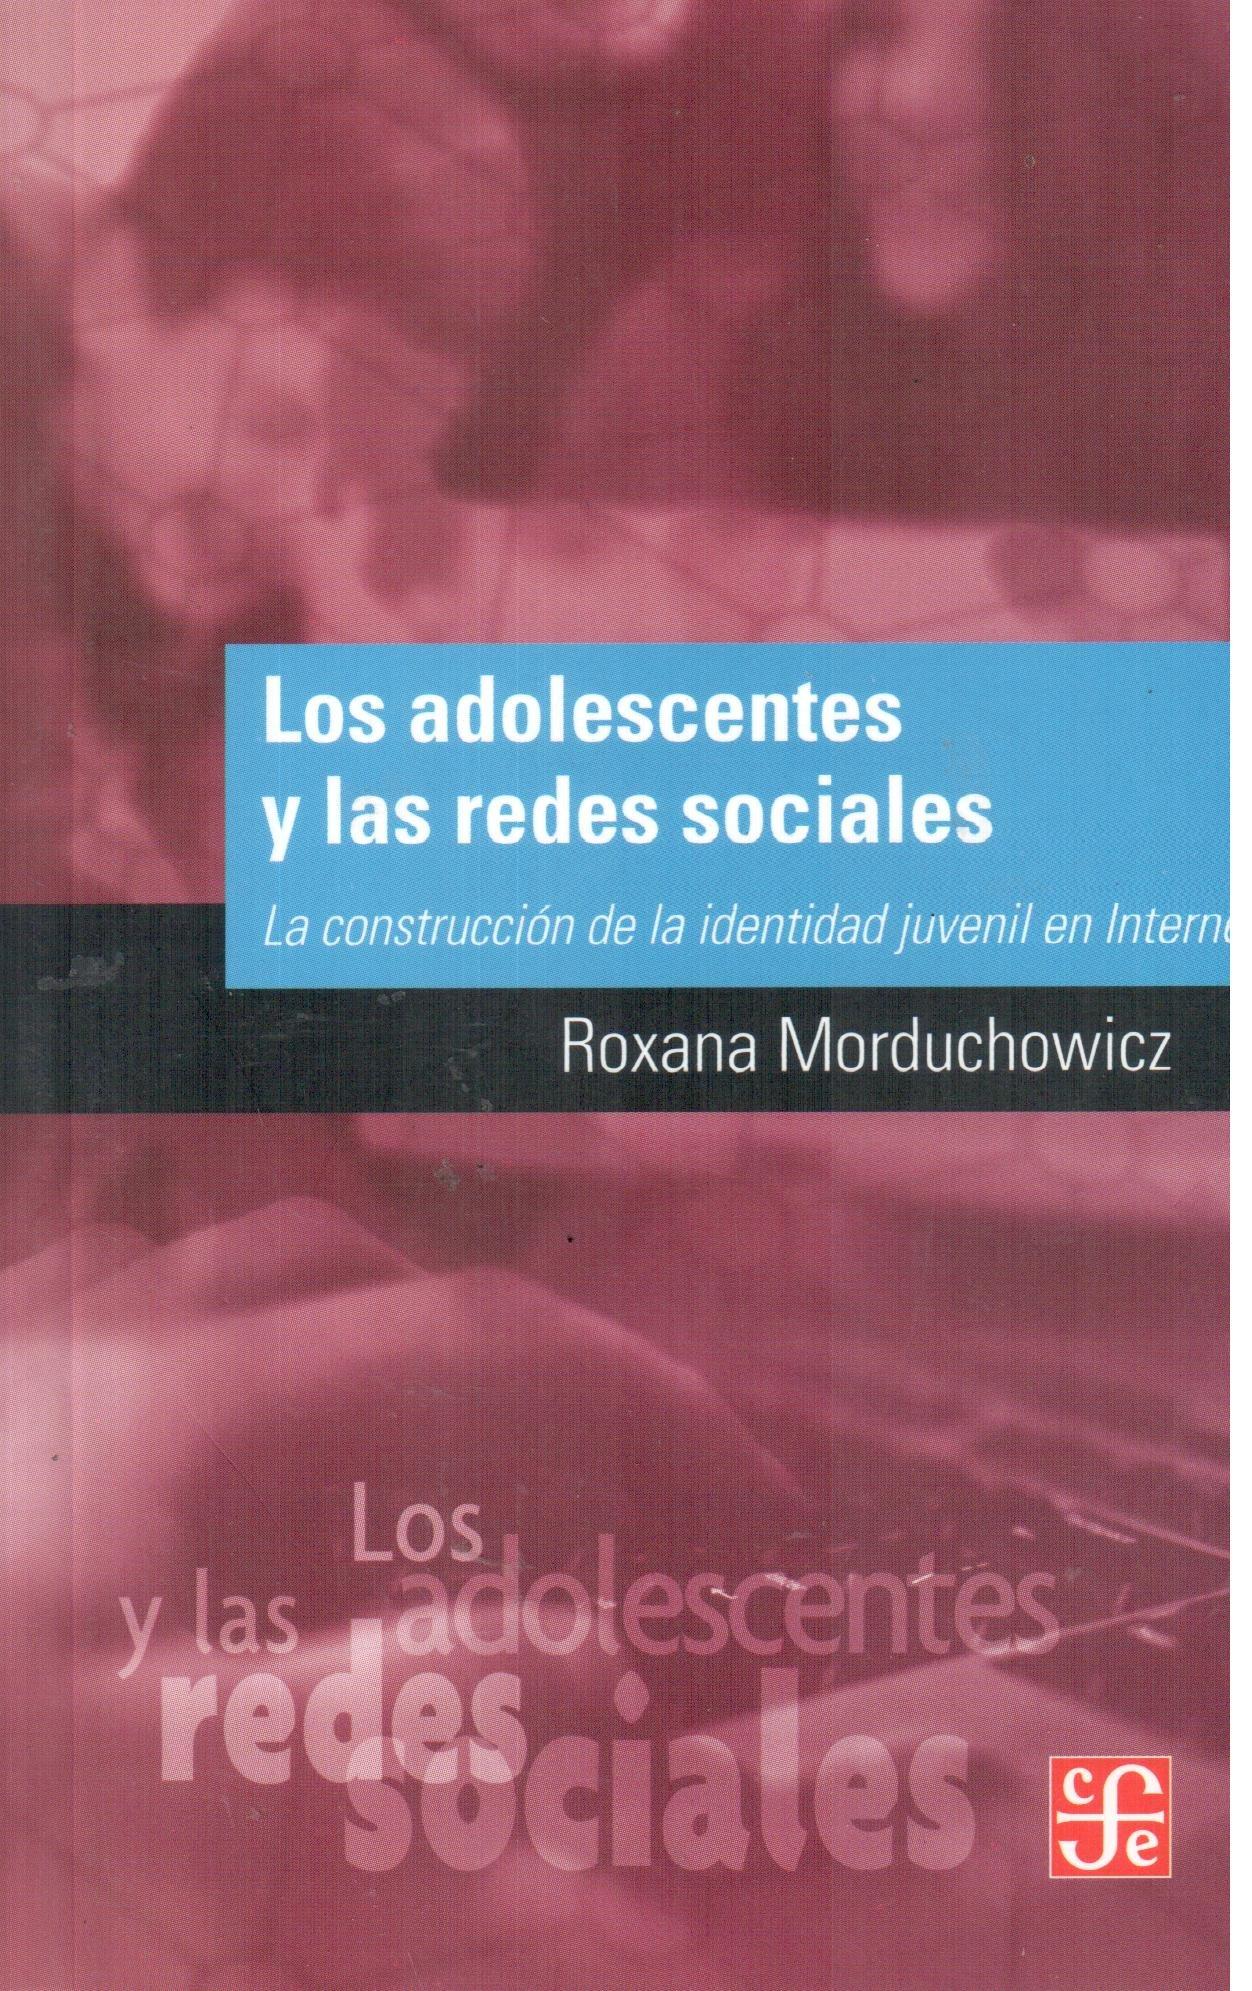 ADOLESCENTES Y LAS REDES SOCIALES, LOS (Spanish Edition): Roxana Morduchowicz: 9789505579075: Amazon.com: Books